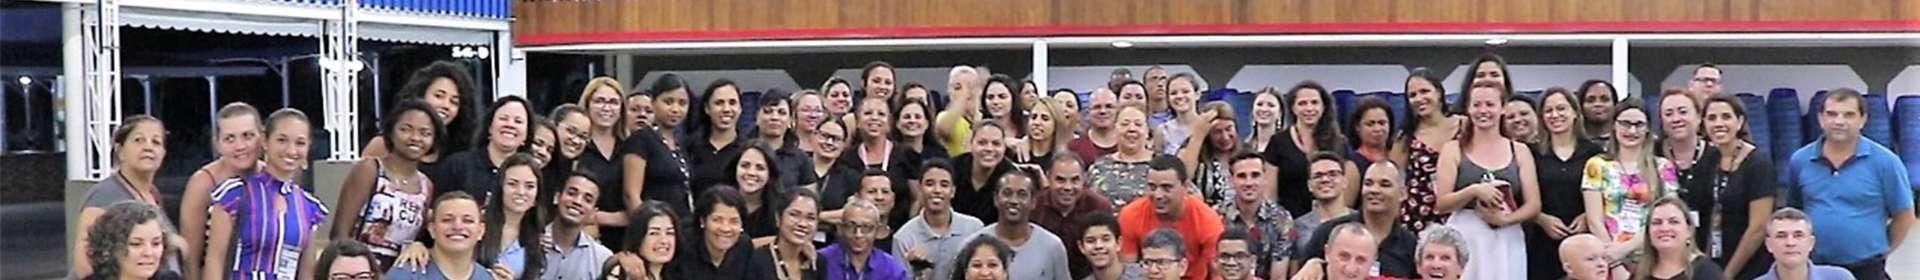 Seminários e oficinas de Libras são realizados em prol da comunicação com surdos e surdocegos na Igreja Cristã Maranata